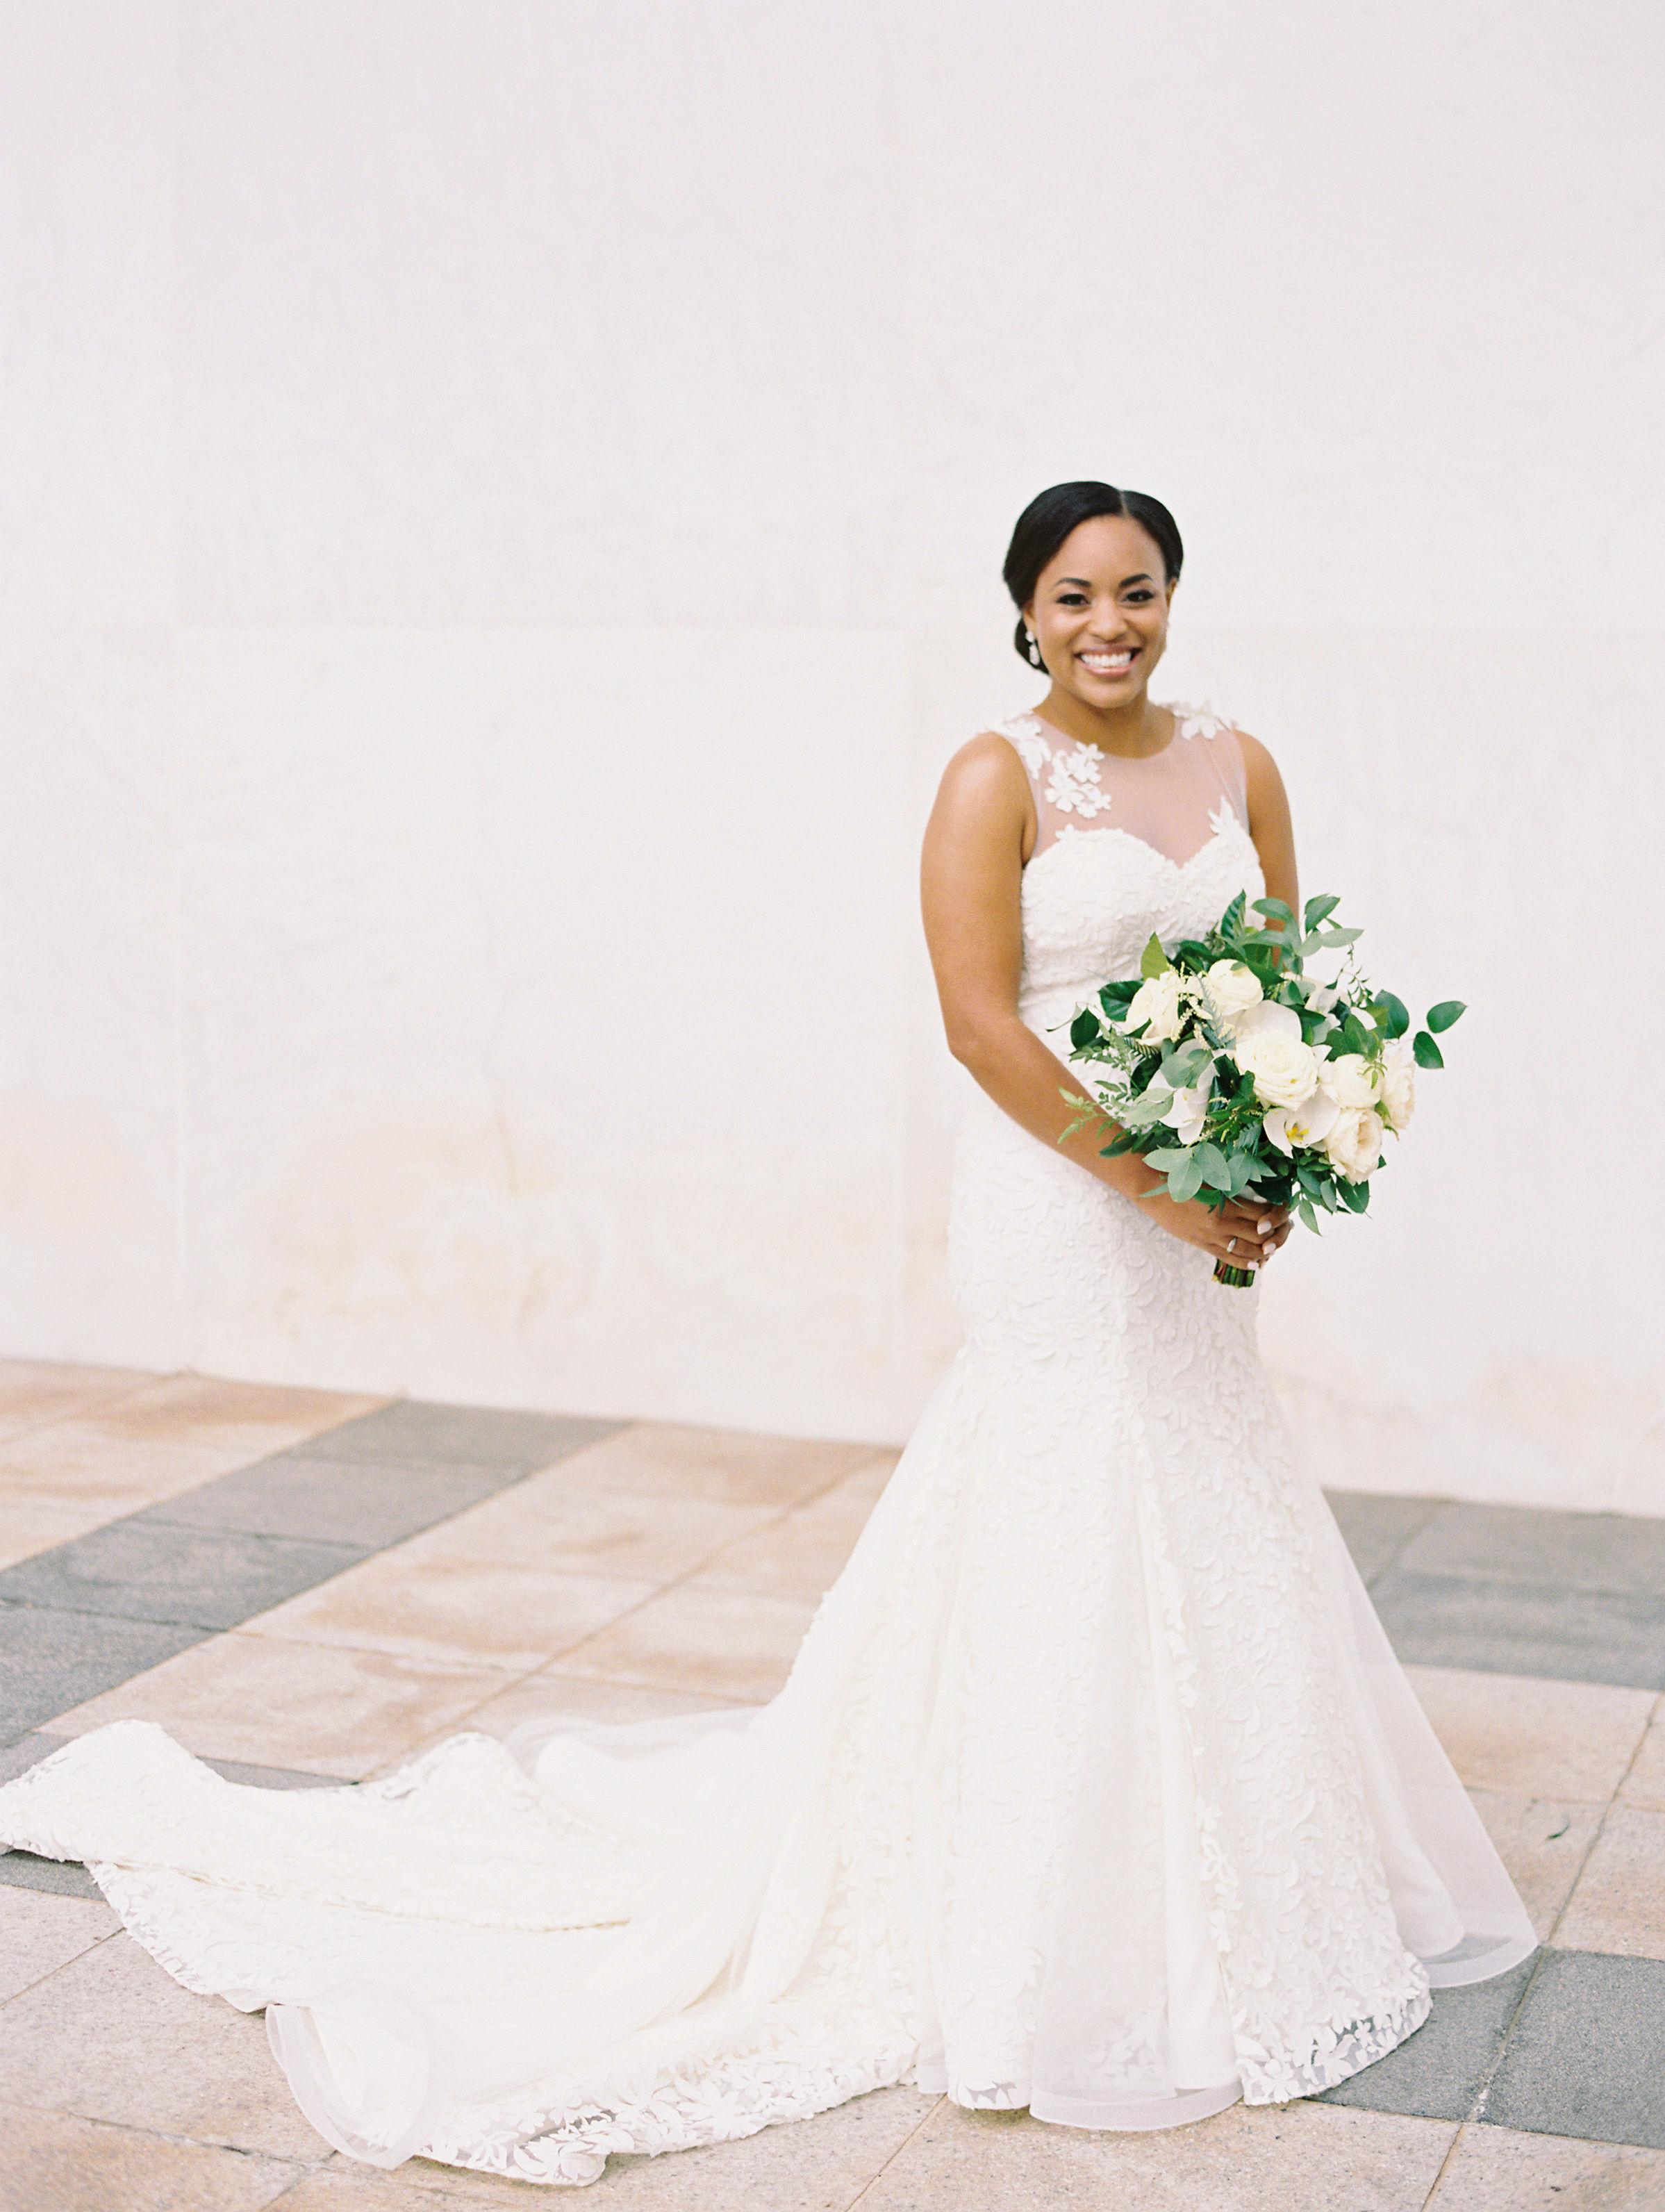 melissa justen wedding bouquet white